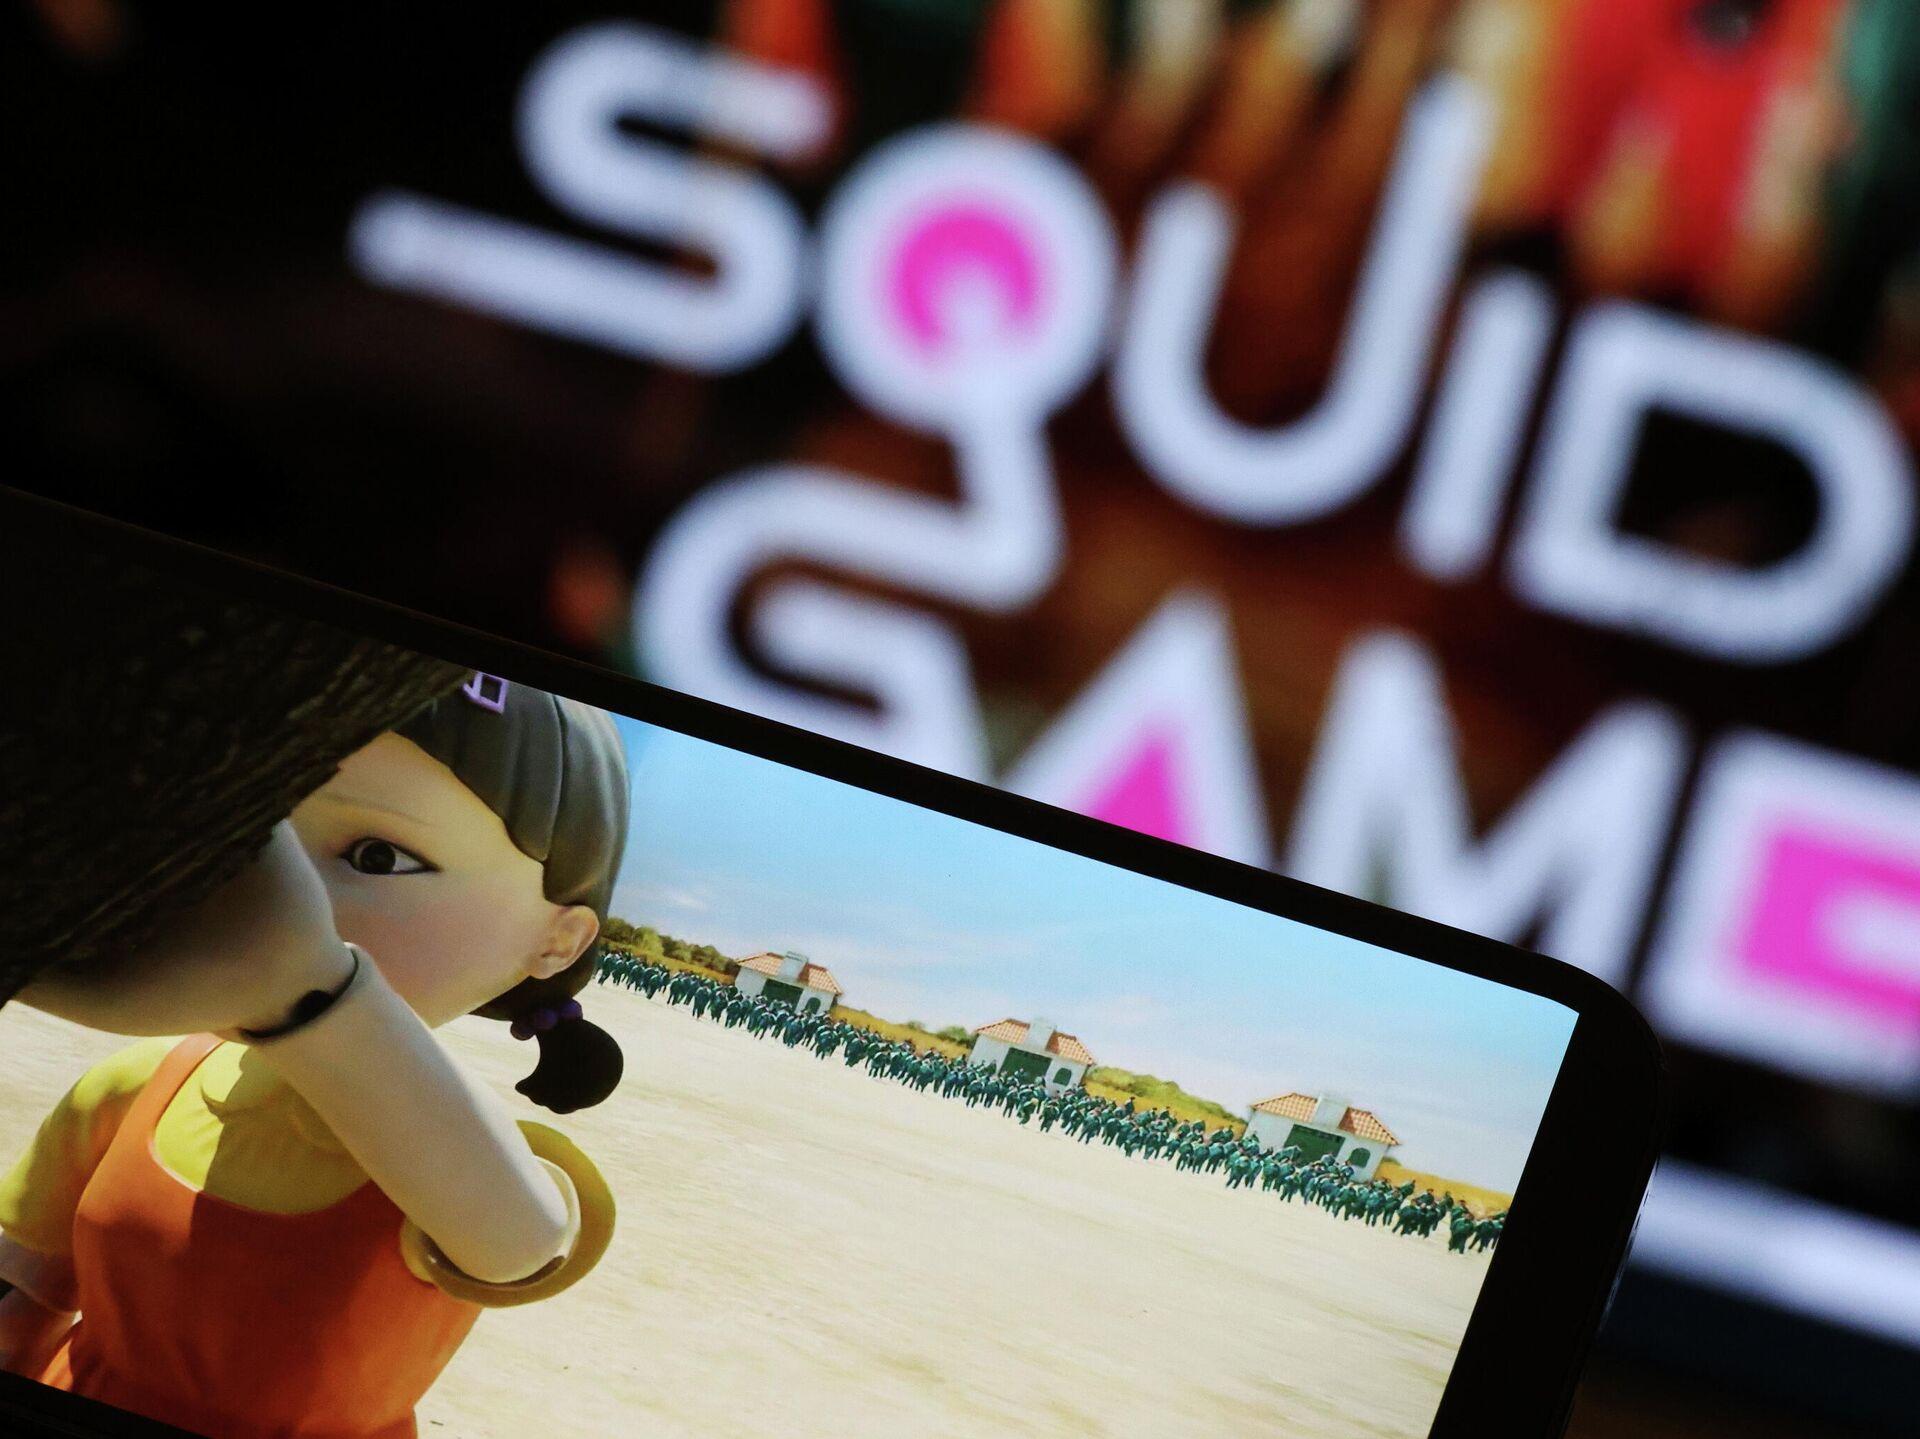 Ekrem İmamoğlu'ndan Squid Game temalı eğitim desteği paylaşımı - 07.10.2021, Sputnik Türkiye